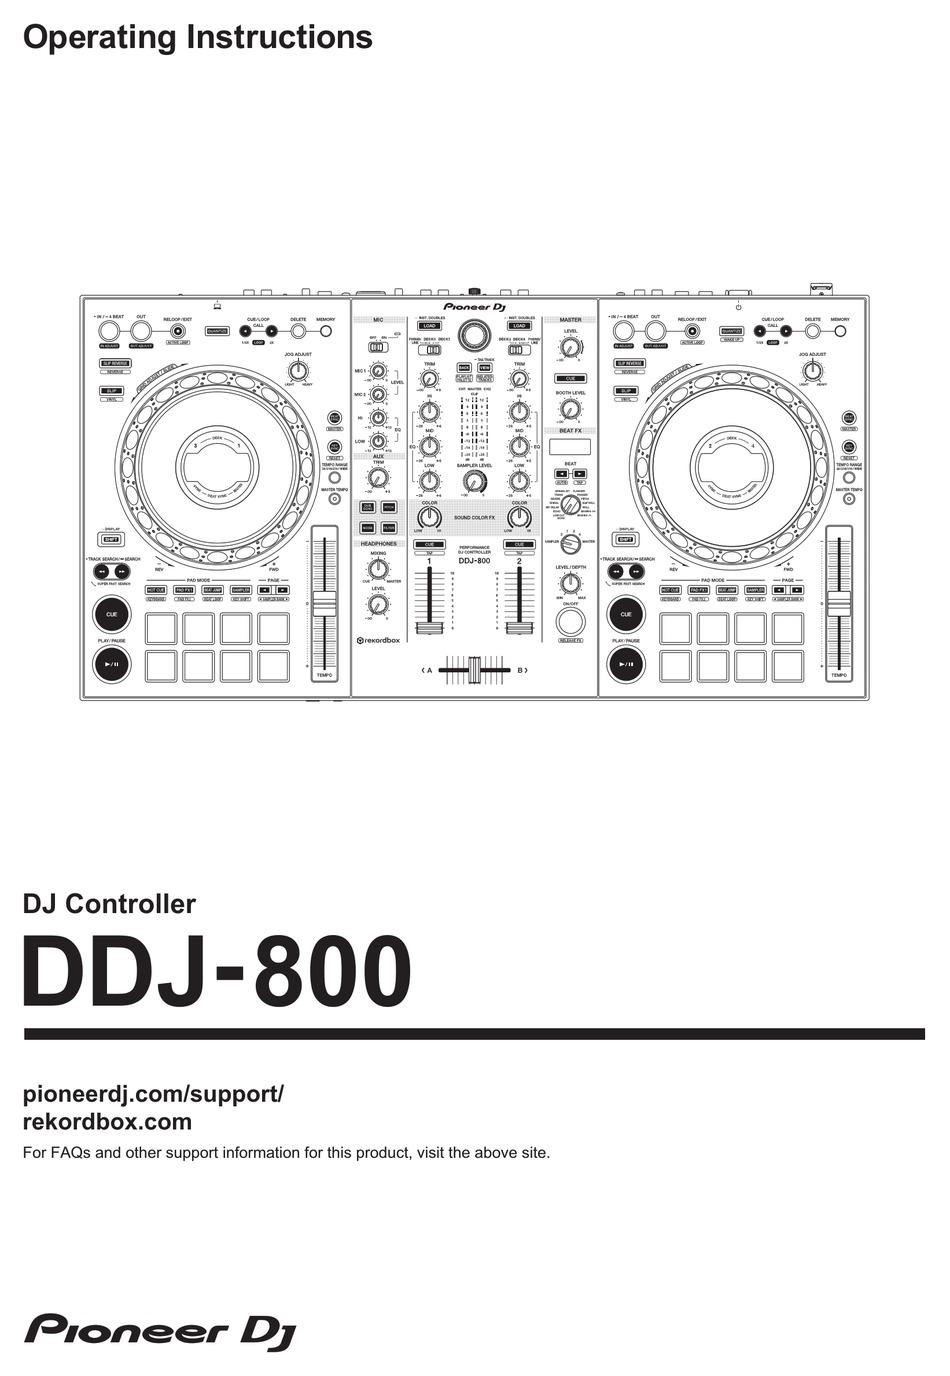 PIONEER DJ DDJ-800 OPERATING INSTRUCTIONS MANUAL Pdf